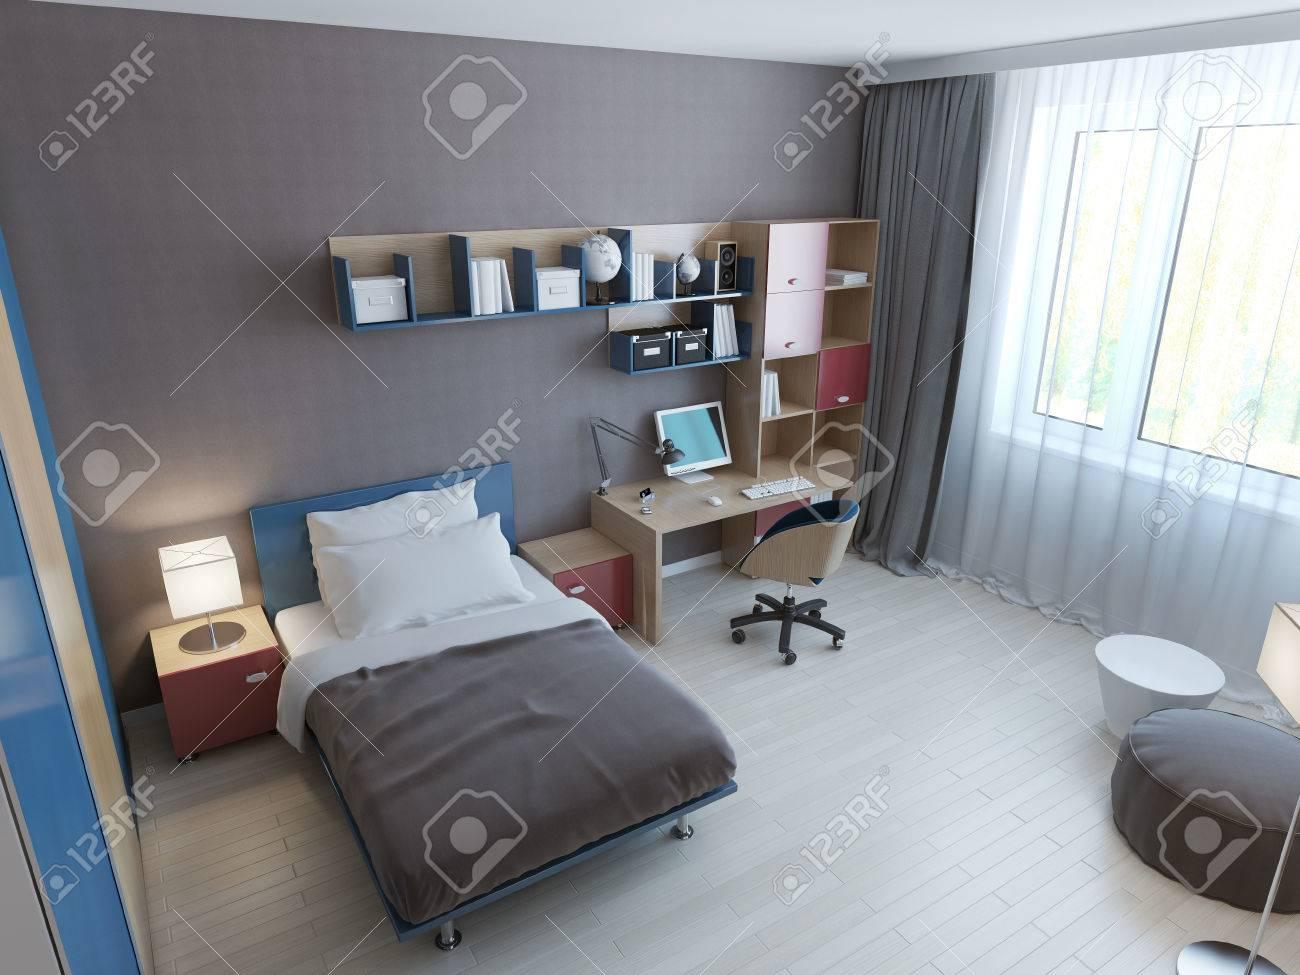 Panoramablick Auf Minimalistische Kinder Schlafzimmer. 3D übertragen ...